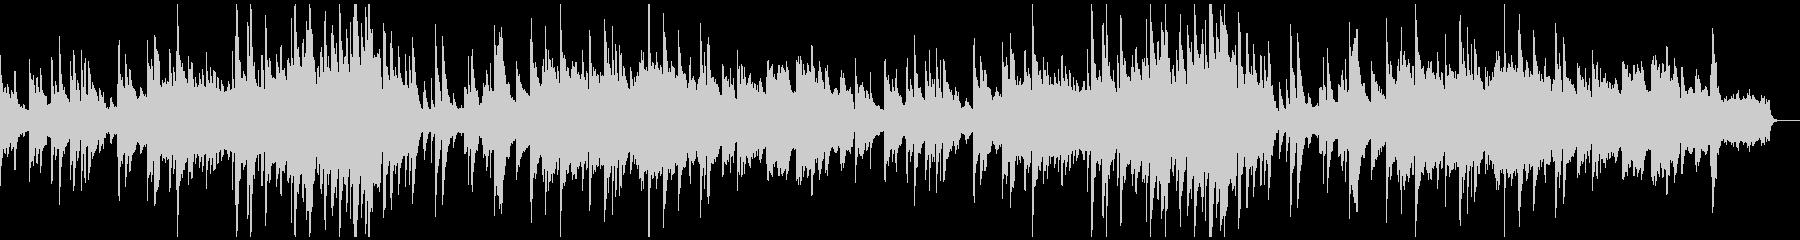 優しい旋律のピアノバラードの未再生の波形